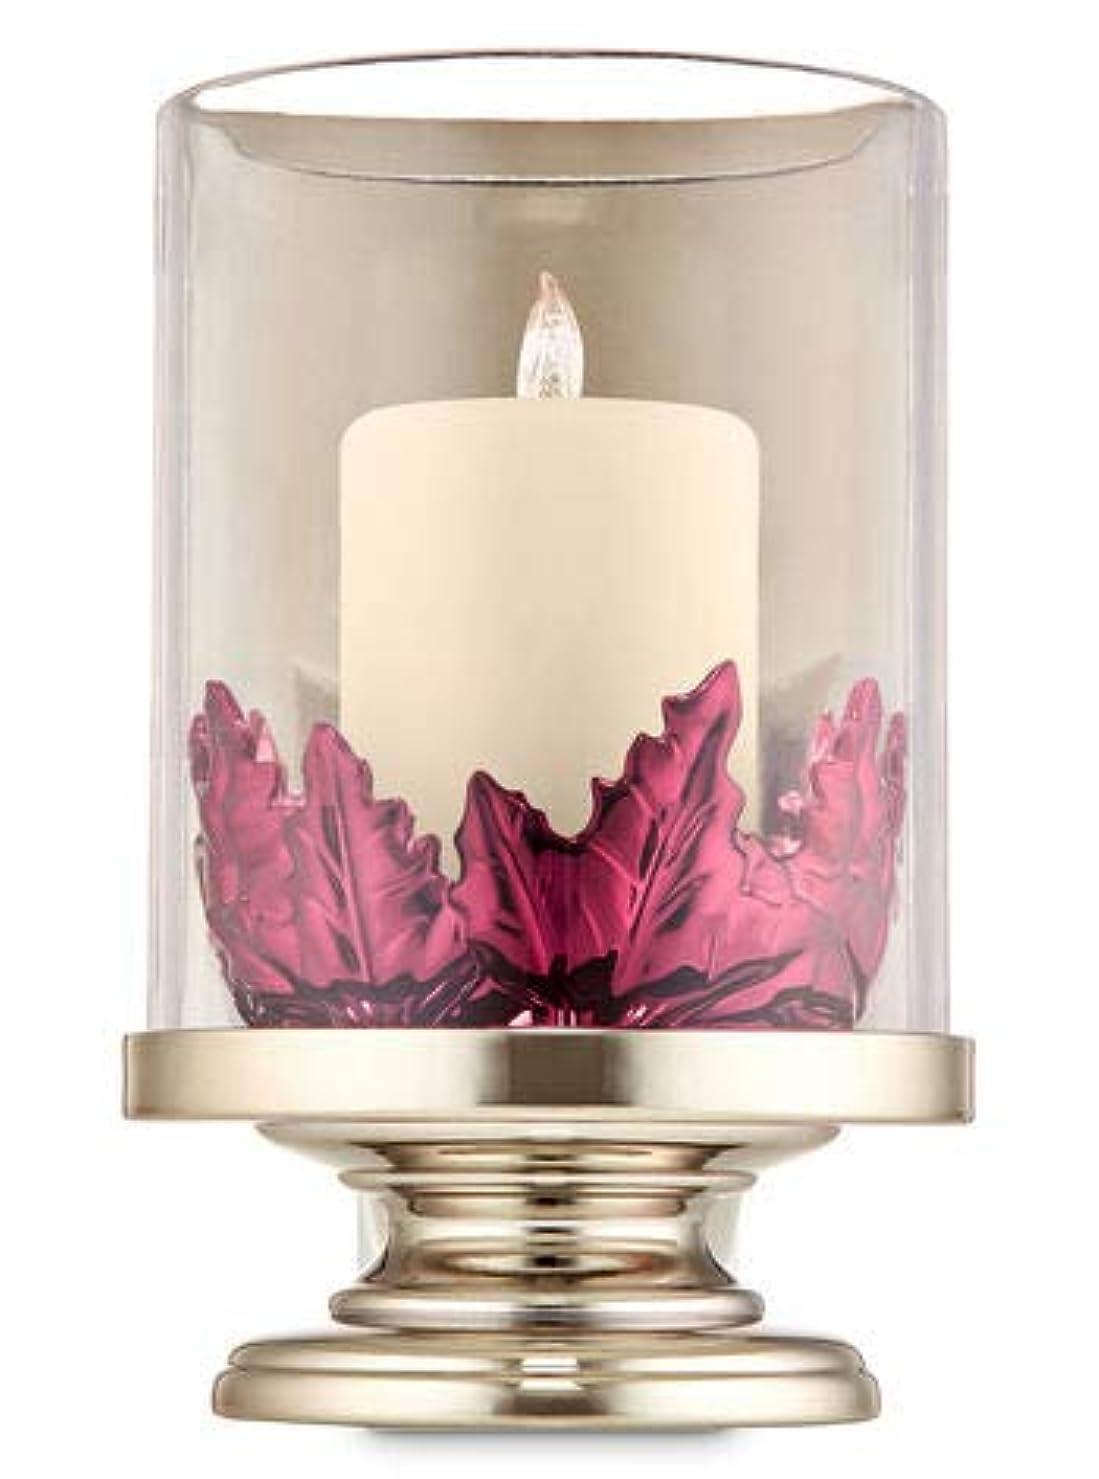 入り口メンタージョリー【Bath&Body Works/バス&ボディワークス】 ルームフレグランス プラグインスターター (本体のみ) ピラーキャンドル with リーブス ナイトライト Wallflowers Fragrance Plug Pillar Candle with Leaves Night Light [並行輸入品]